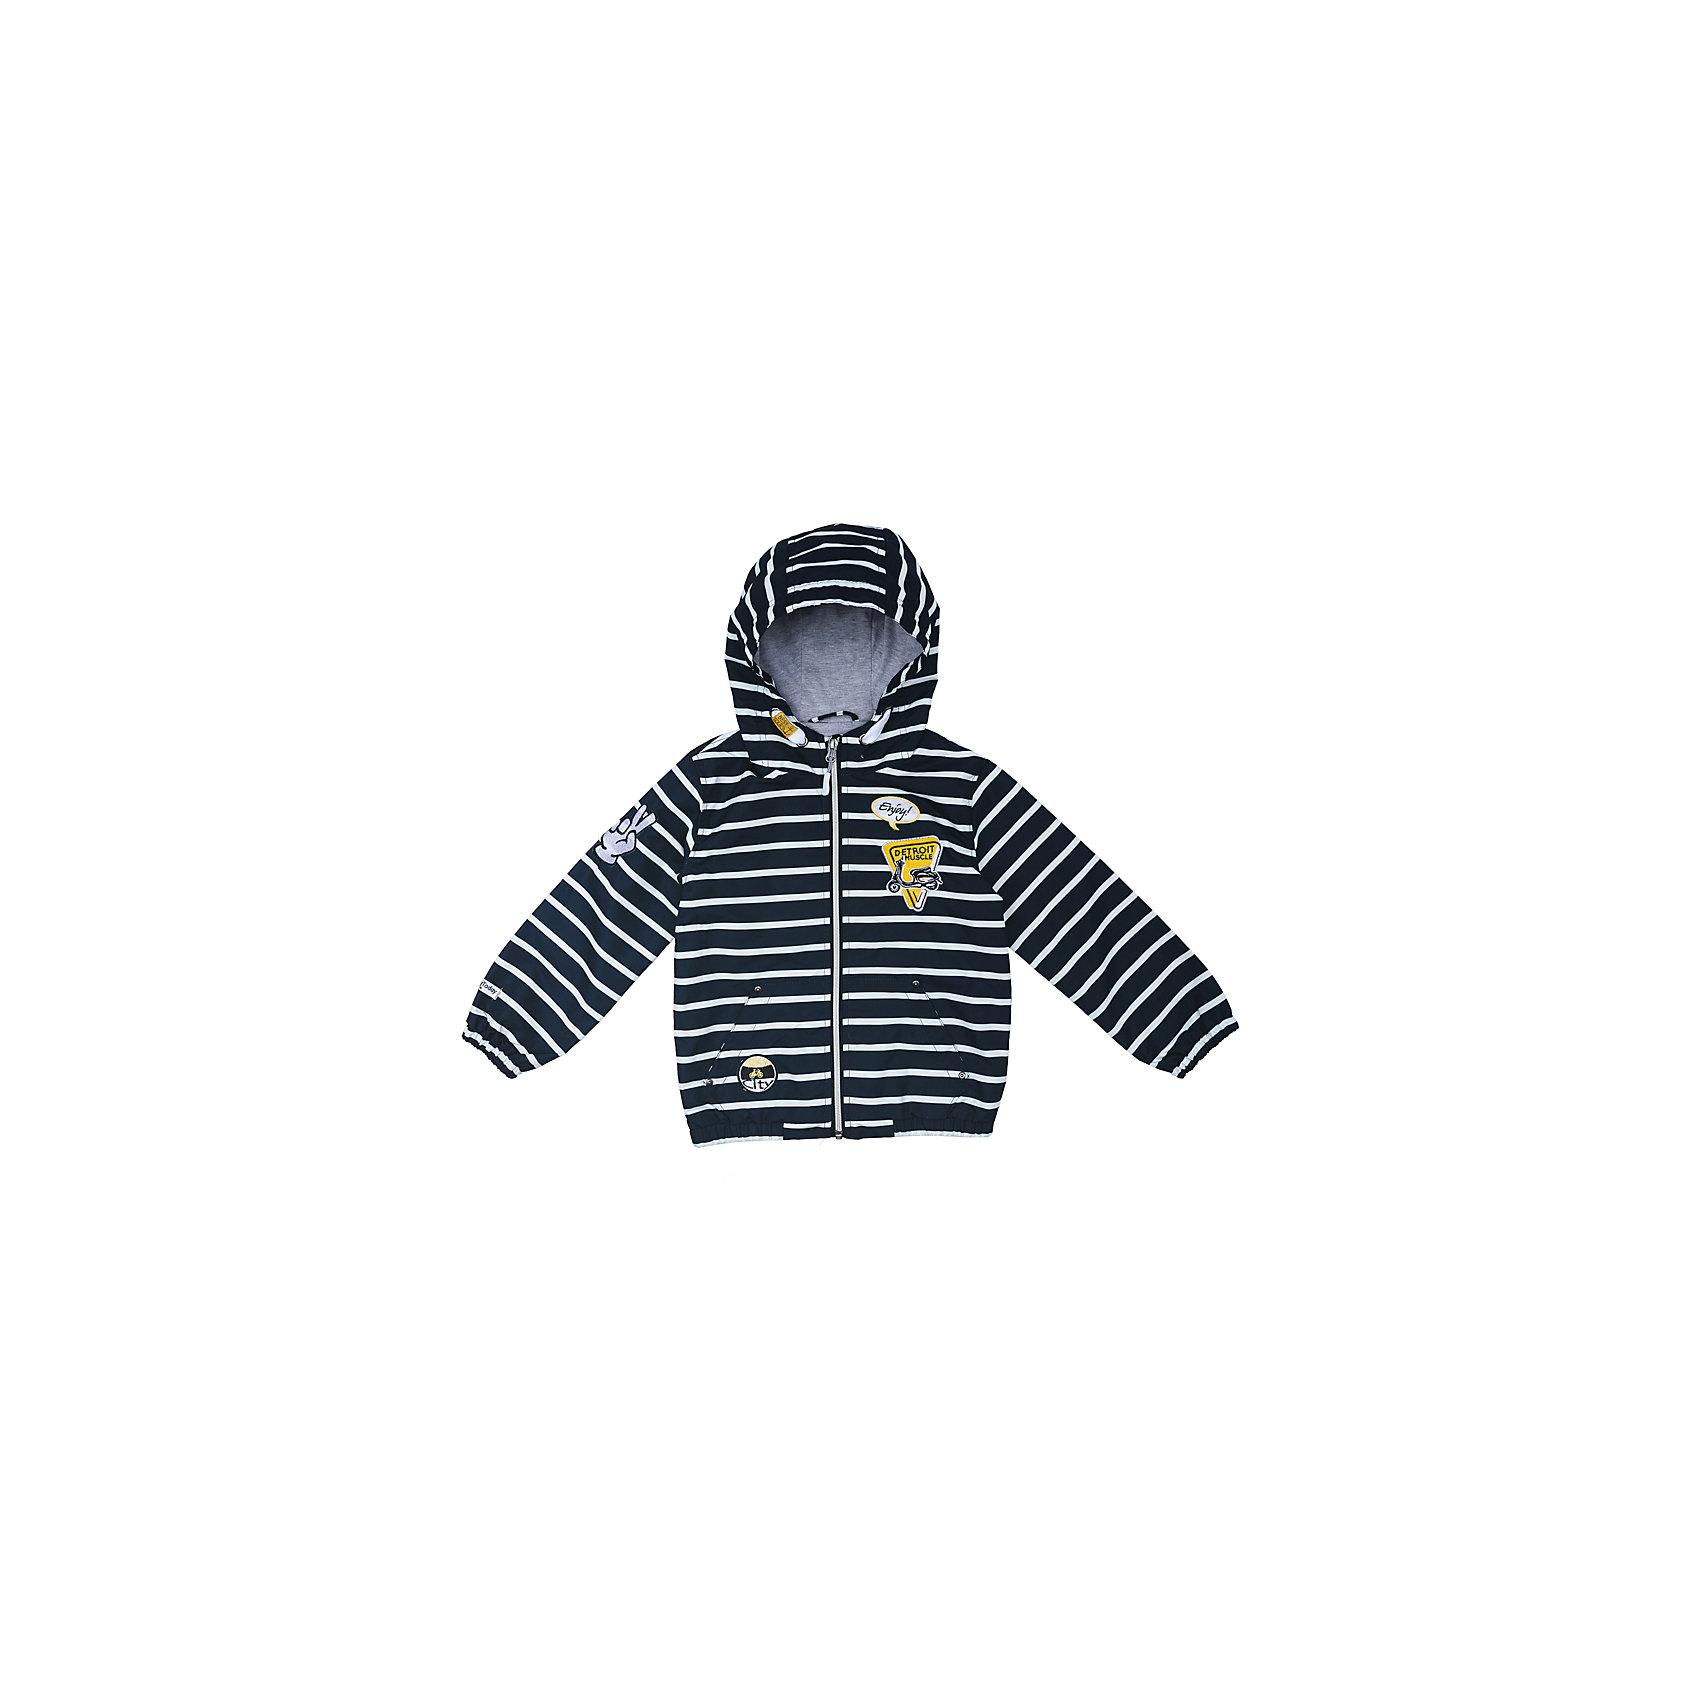 Куртка для мальчика PlayTodayКуртка для мальчика PlayToday<br>Практичная яркая куртка на подкладке, со специальной водоотталкивающей пропиткой защитит Вашего ребенка в любую погоду! Мягкие  резинки на рукавах защитят Вашего ребенка - ветер не сможет проникнуть под куртку.  Специальный карман для фиксации застежки-молнии не позволит застежке травмировать нежную кожу ребенка. Модель снабжена удобными регулируемым шнурами - кулисками на капюшоне.Преимущества: Водоооталкивающая тканьЗащита подбородка. Специальный карман для фиксации застежки-молнии.Подкладка из смесовой ткани<br>Состав:<br>Верх: 100% полиэстер, подкладка: 65% полиэстер, 35% хлопок<br><br>Ширина мм: 356<br>Глубина мм: 10<br>Высота мм: 245<br>Вес г: 519<br>Цвет: разноцветный<br>Возраст от месяцев: 84<br>Возраст до месяцев: 96<br>Пол: Мужской<br>Возраст: Детский<br>Размер: 128,98,104,110,116,122<br>SKU: 5403347